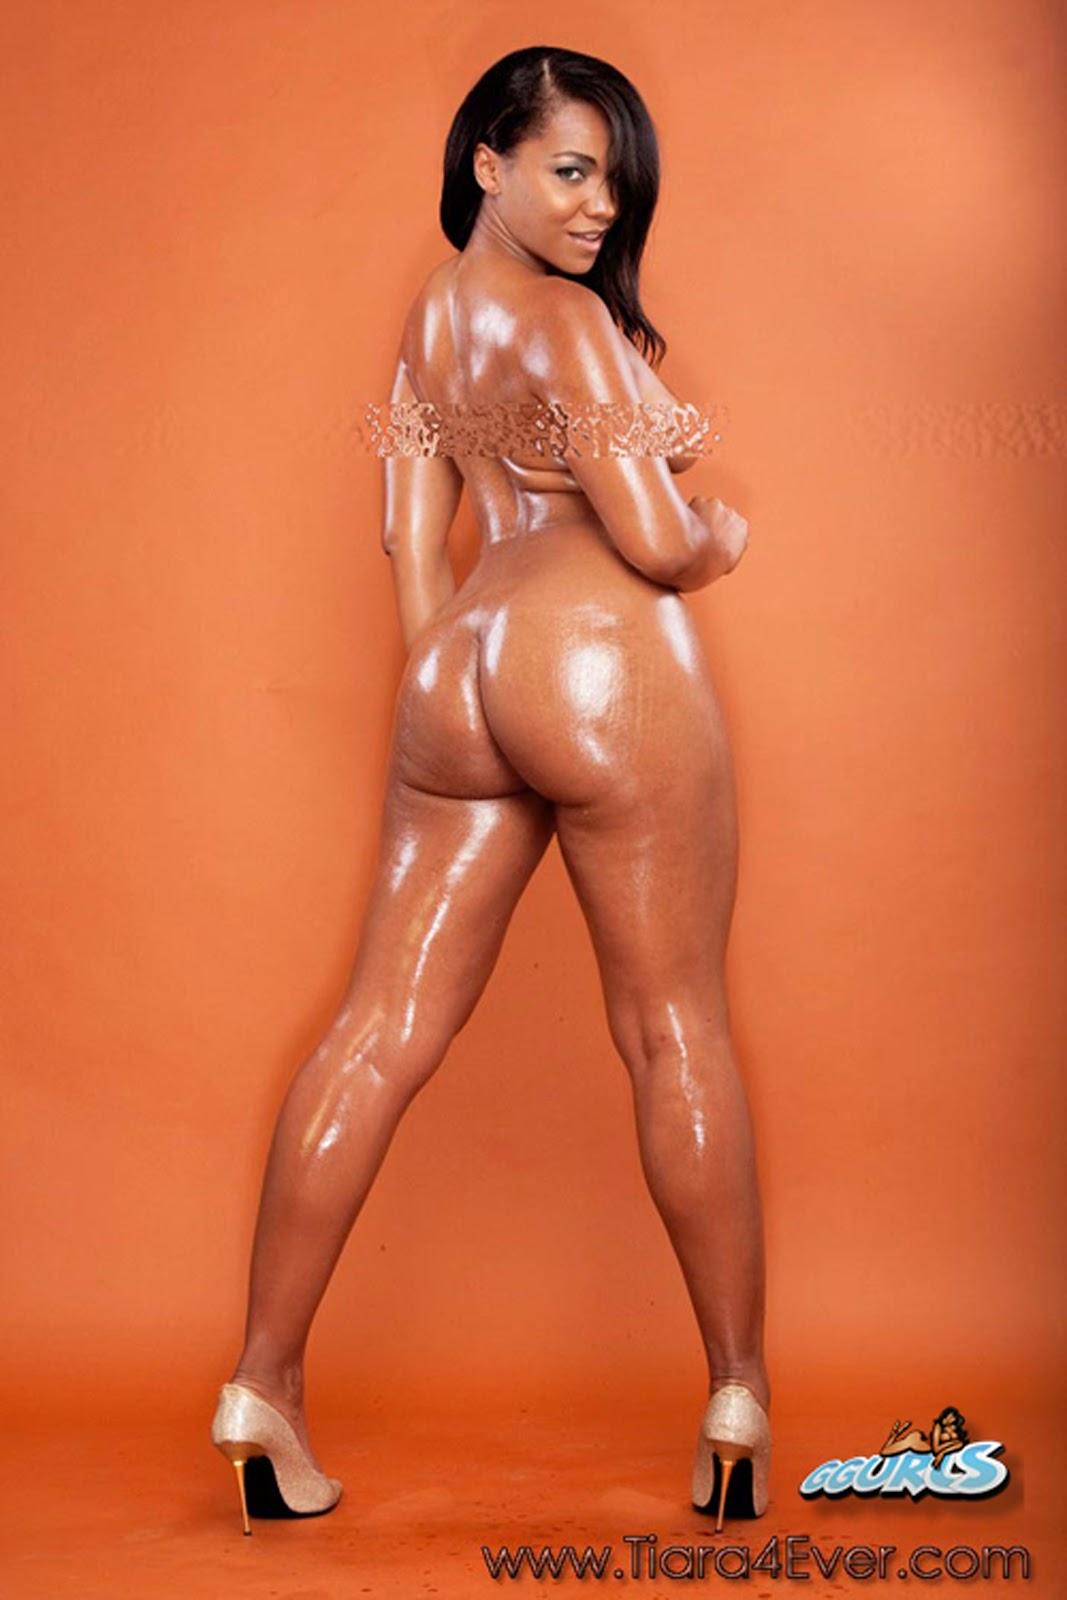 Webcams 2014 colombian milf w huge tits 2 - 2 part 10